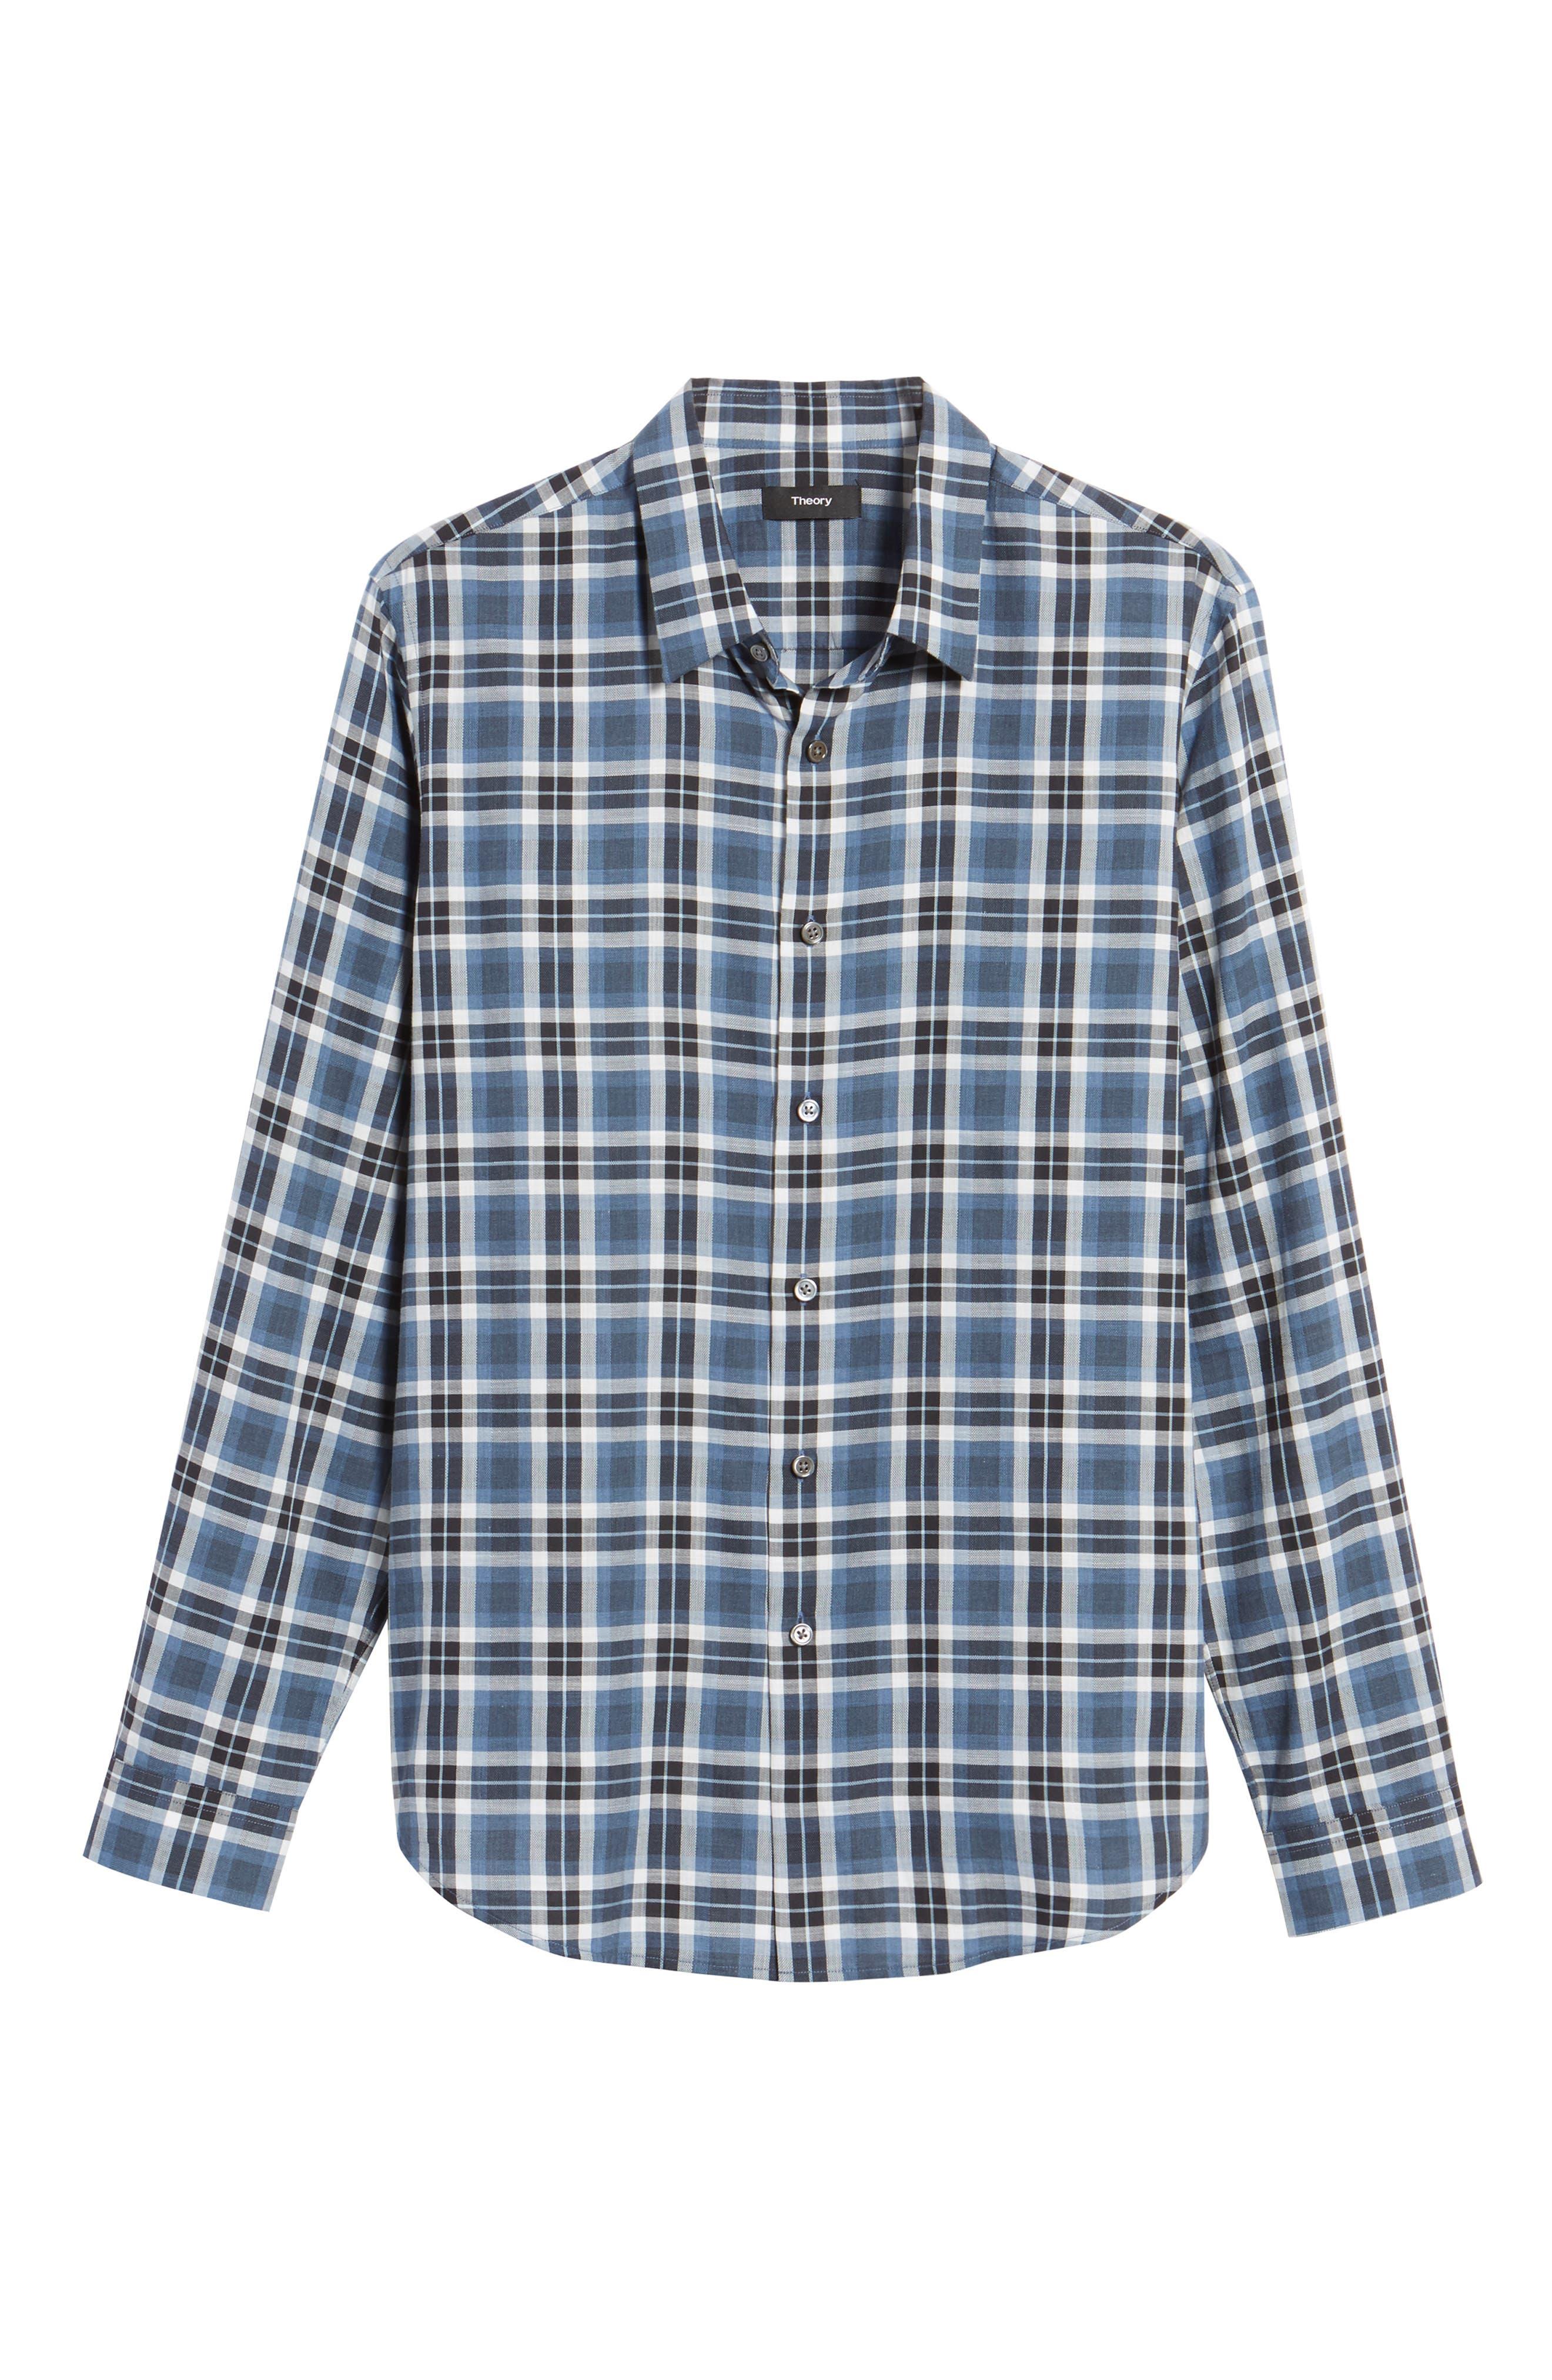 Trim Fit Plaid Flannel Shirt,                             Alternate thumbnail 5, color,                             River Multi